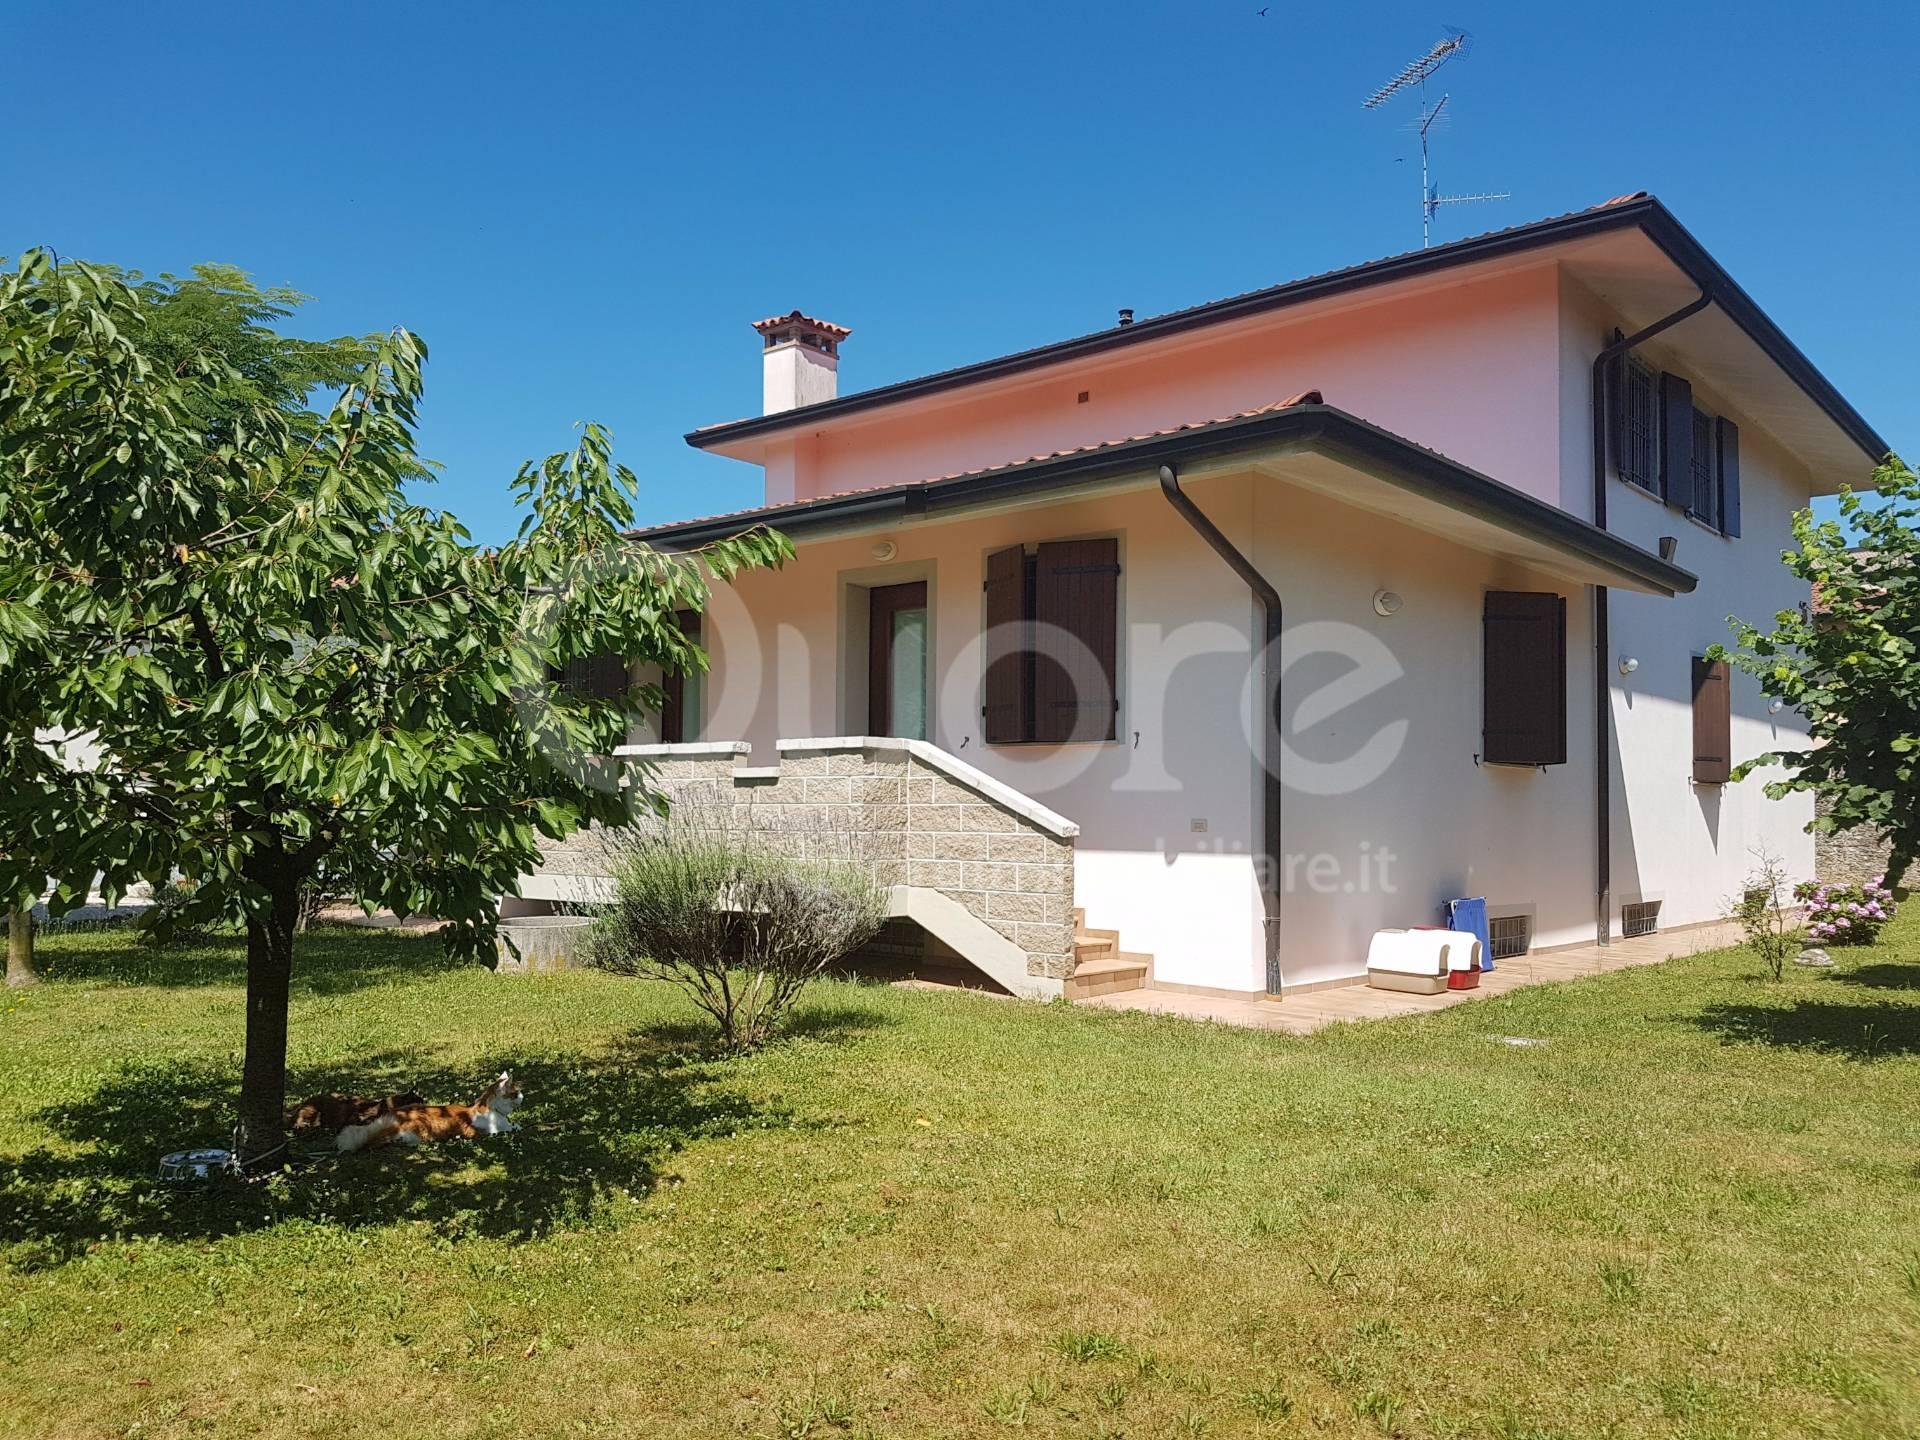 Villa in vendita a Udine, 10 locali, prezzo € 395.000   CambioCasa.it